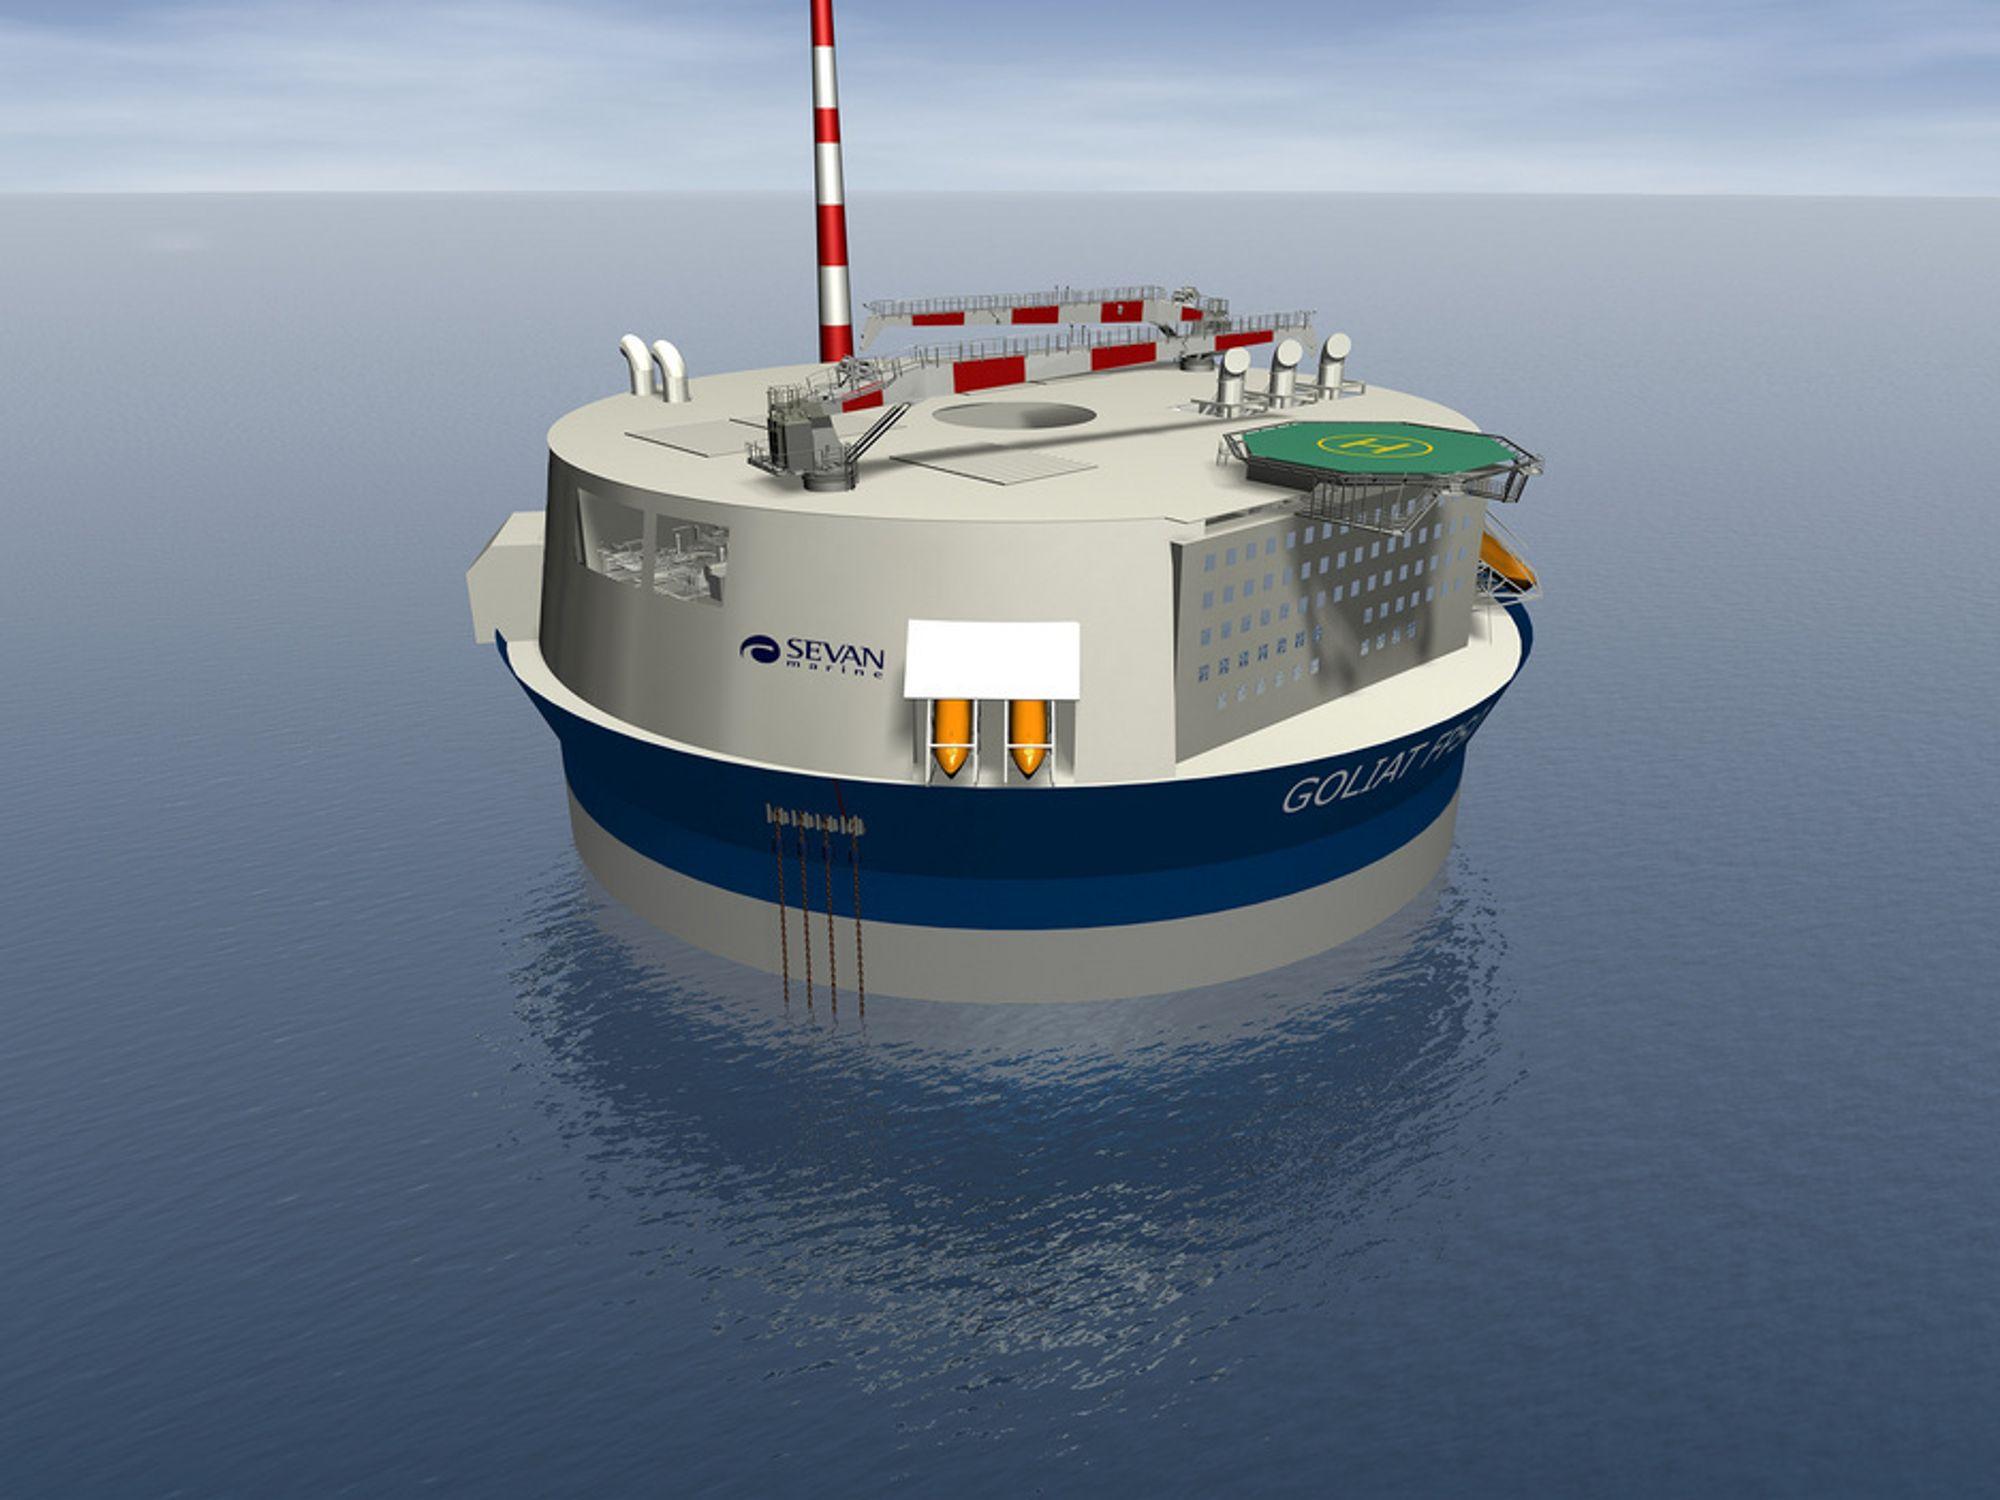 AKSEPTERT: Eni har valgt Sevans løsning for utbyggingen av Goliat-feltet. Miljøverndepartementet anser at Enis valgte utbyggingsløsning med en produksjonsplattform til havs er mest miljøvennlig.